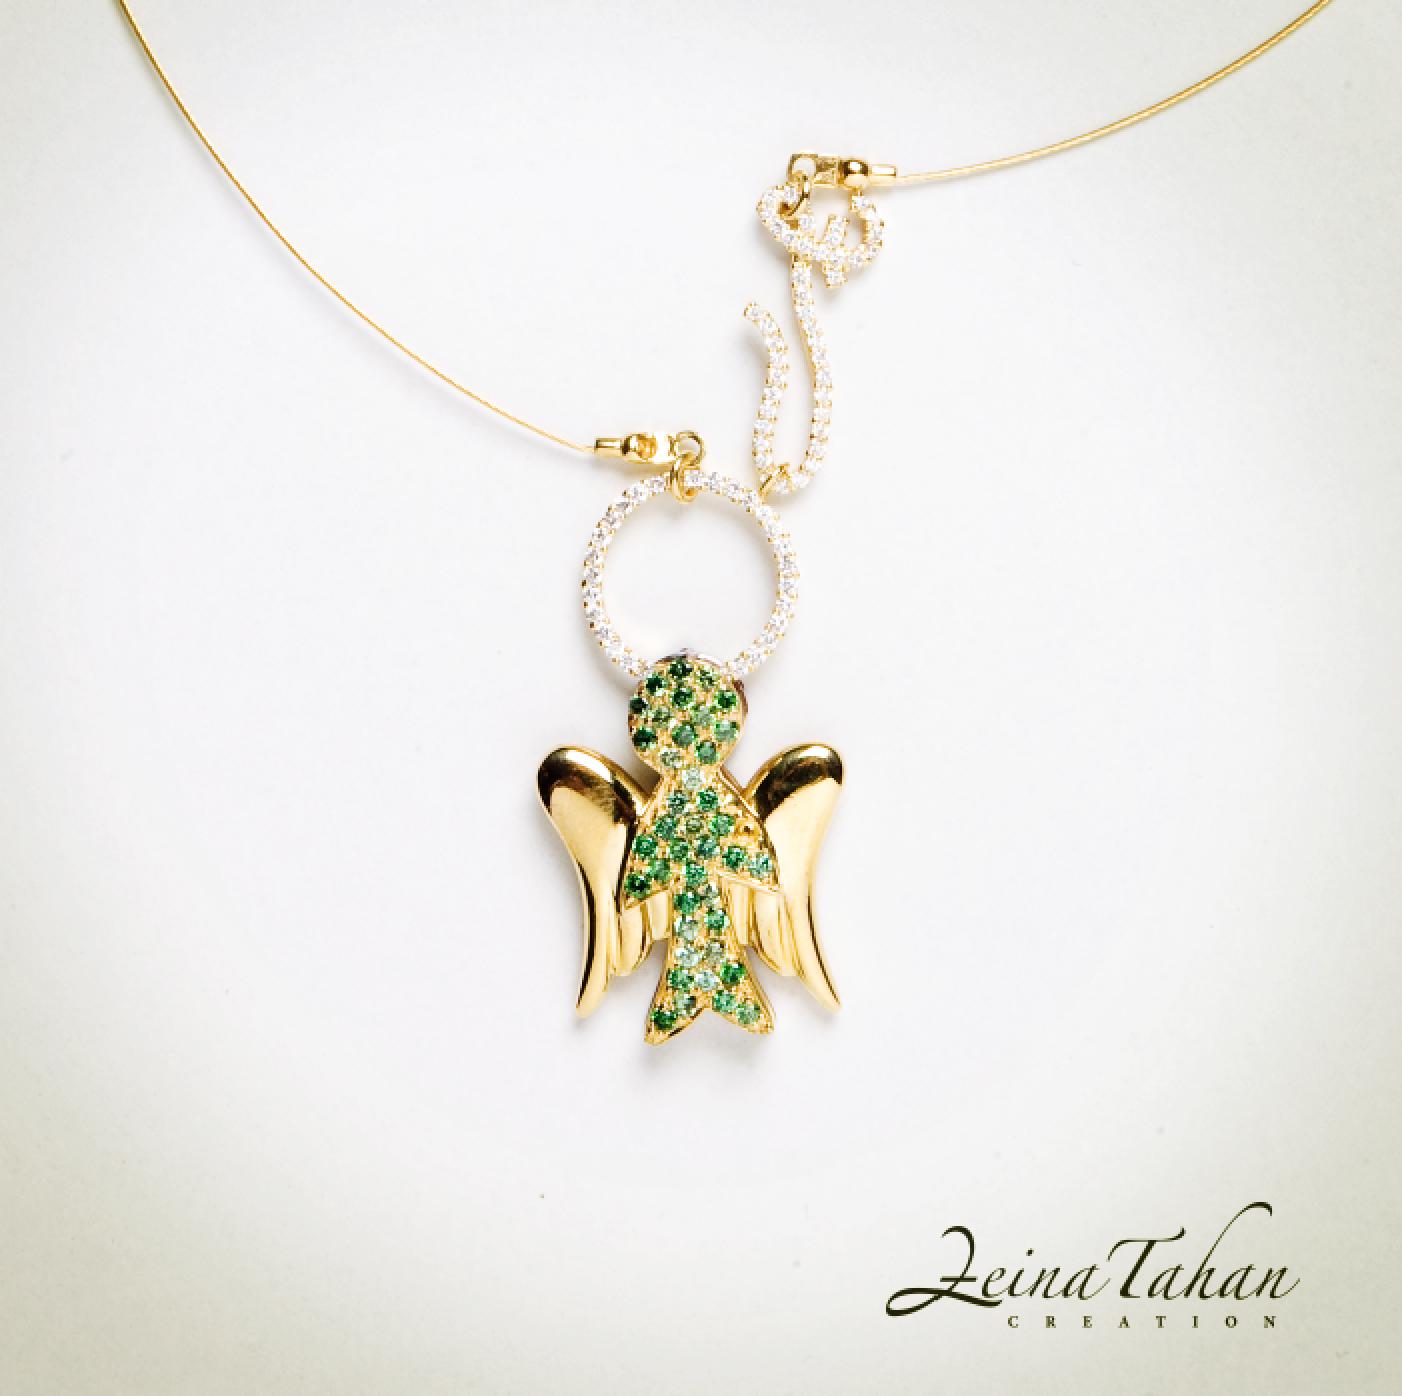 A Sweet Angel From Zeina Tahan Creation Must Looove To Wear It Jewelry Charm Bracelet Ear